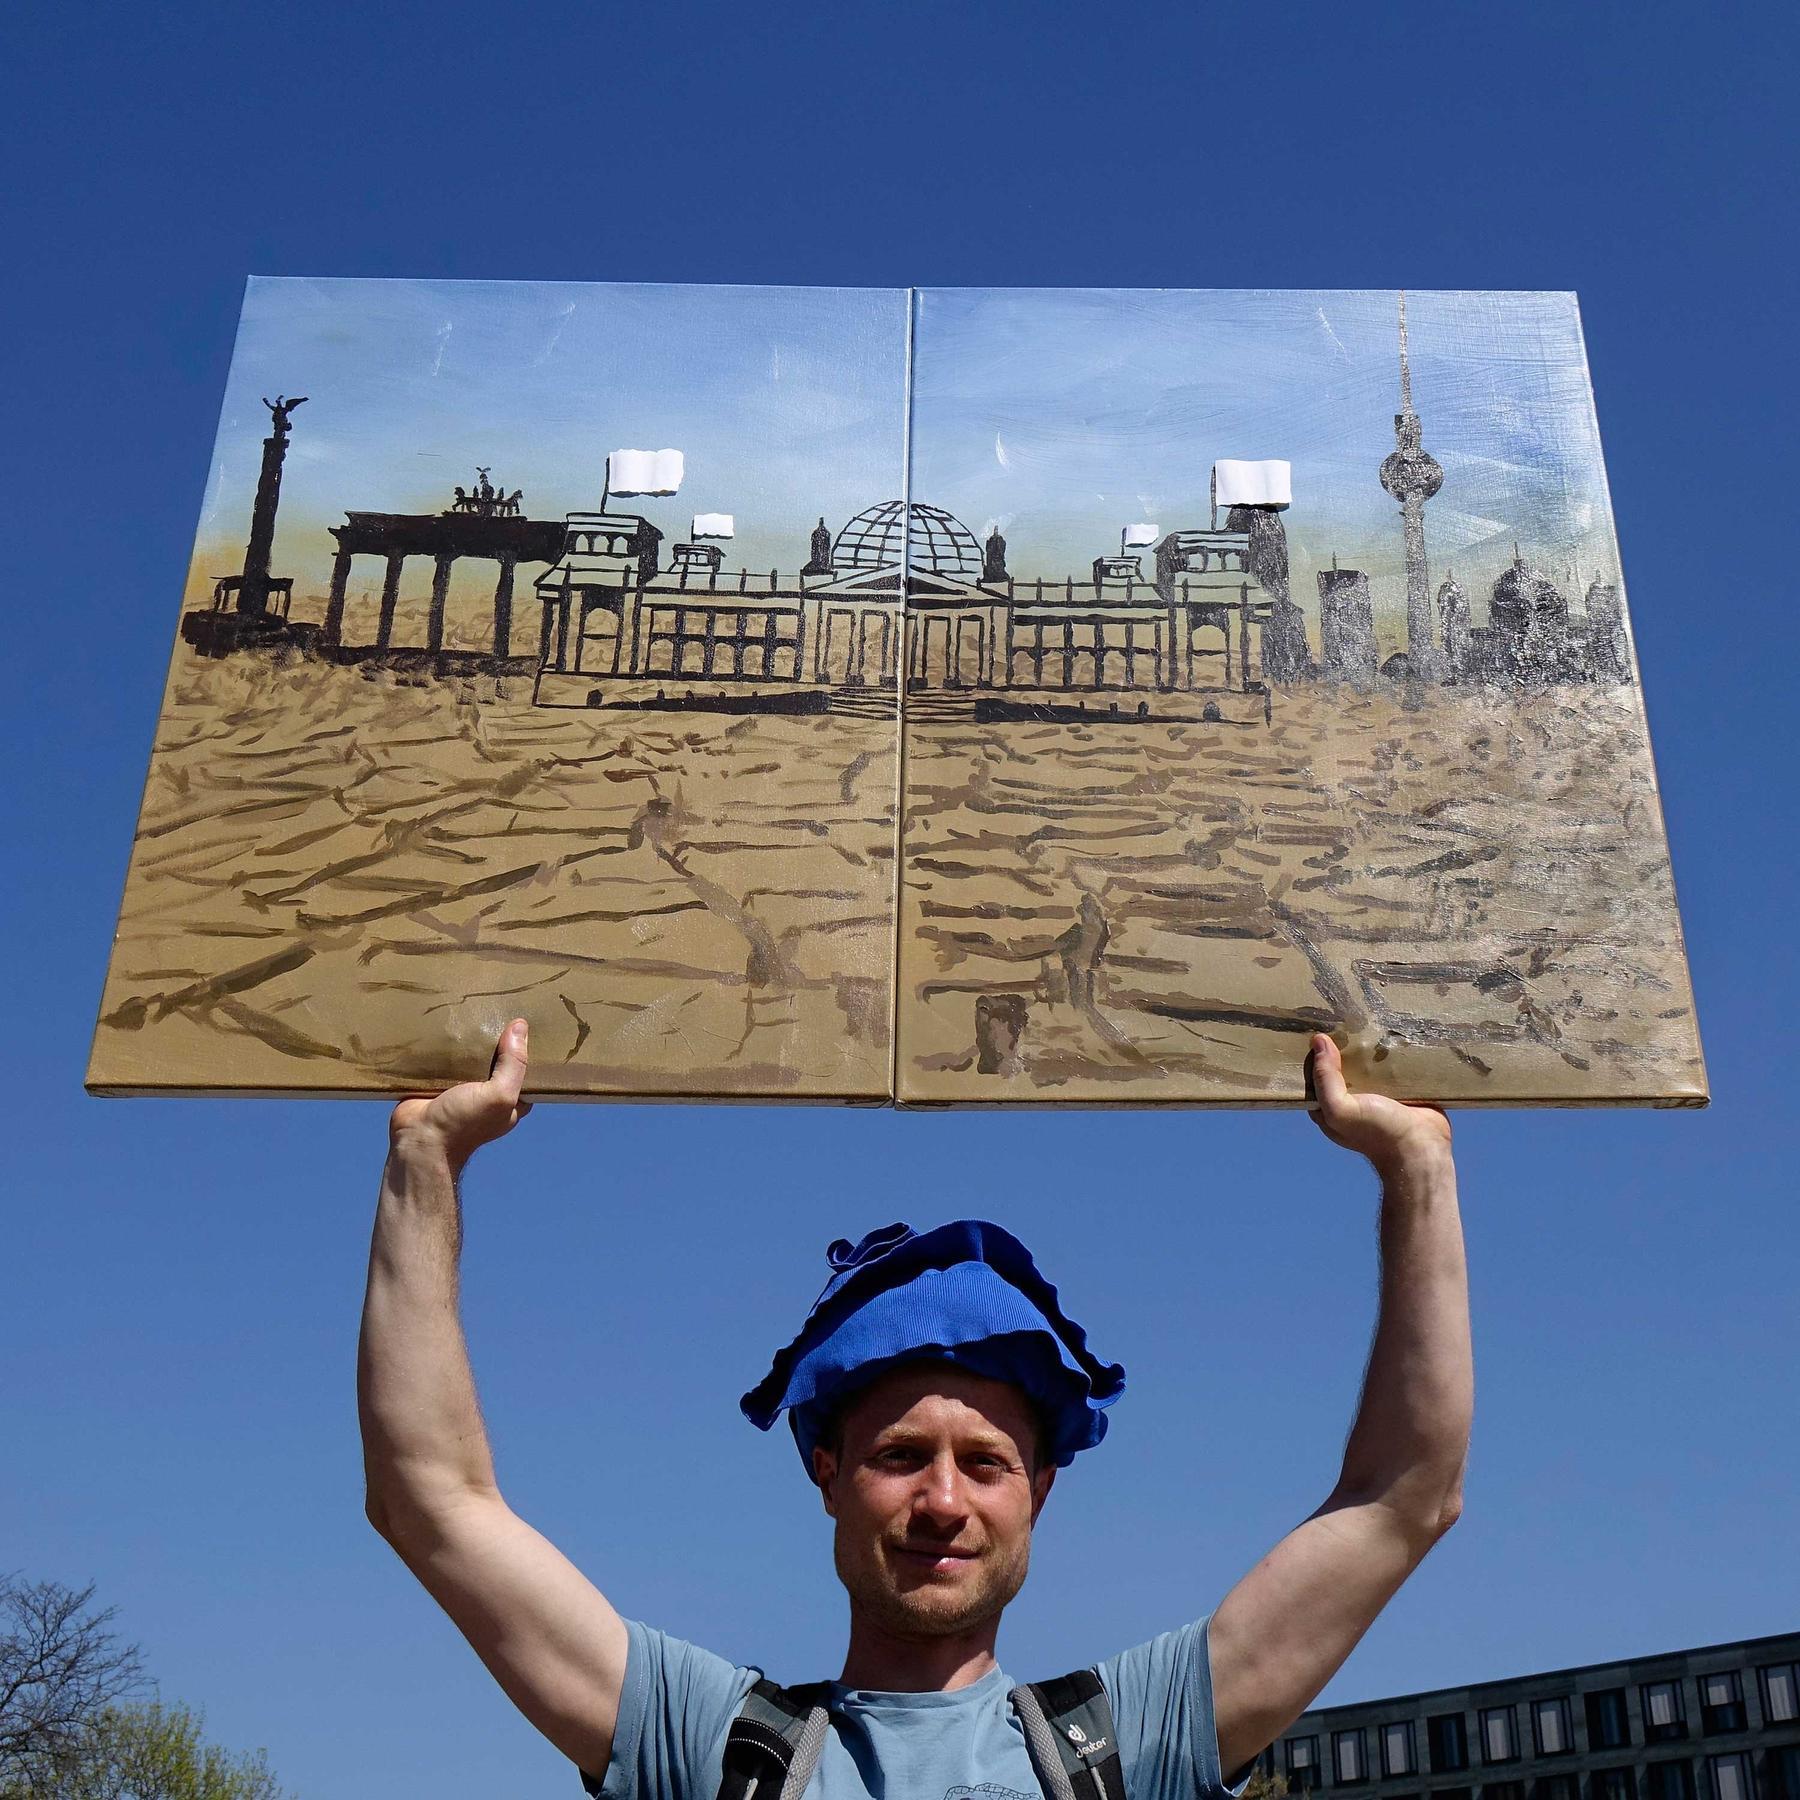 Nach der Bundestagswahl - Weichen für die Klimapolitik?